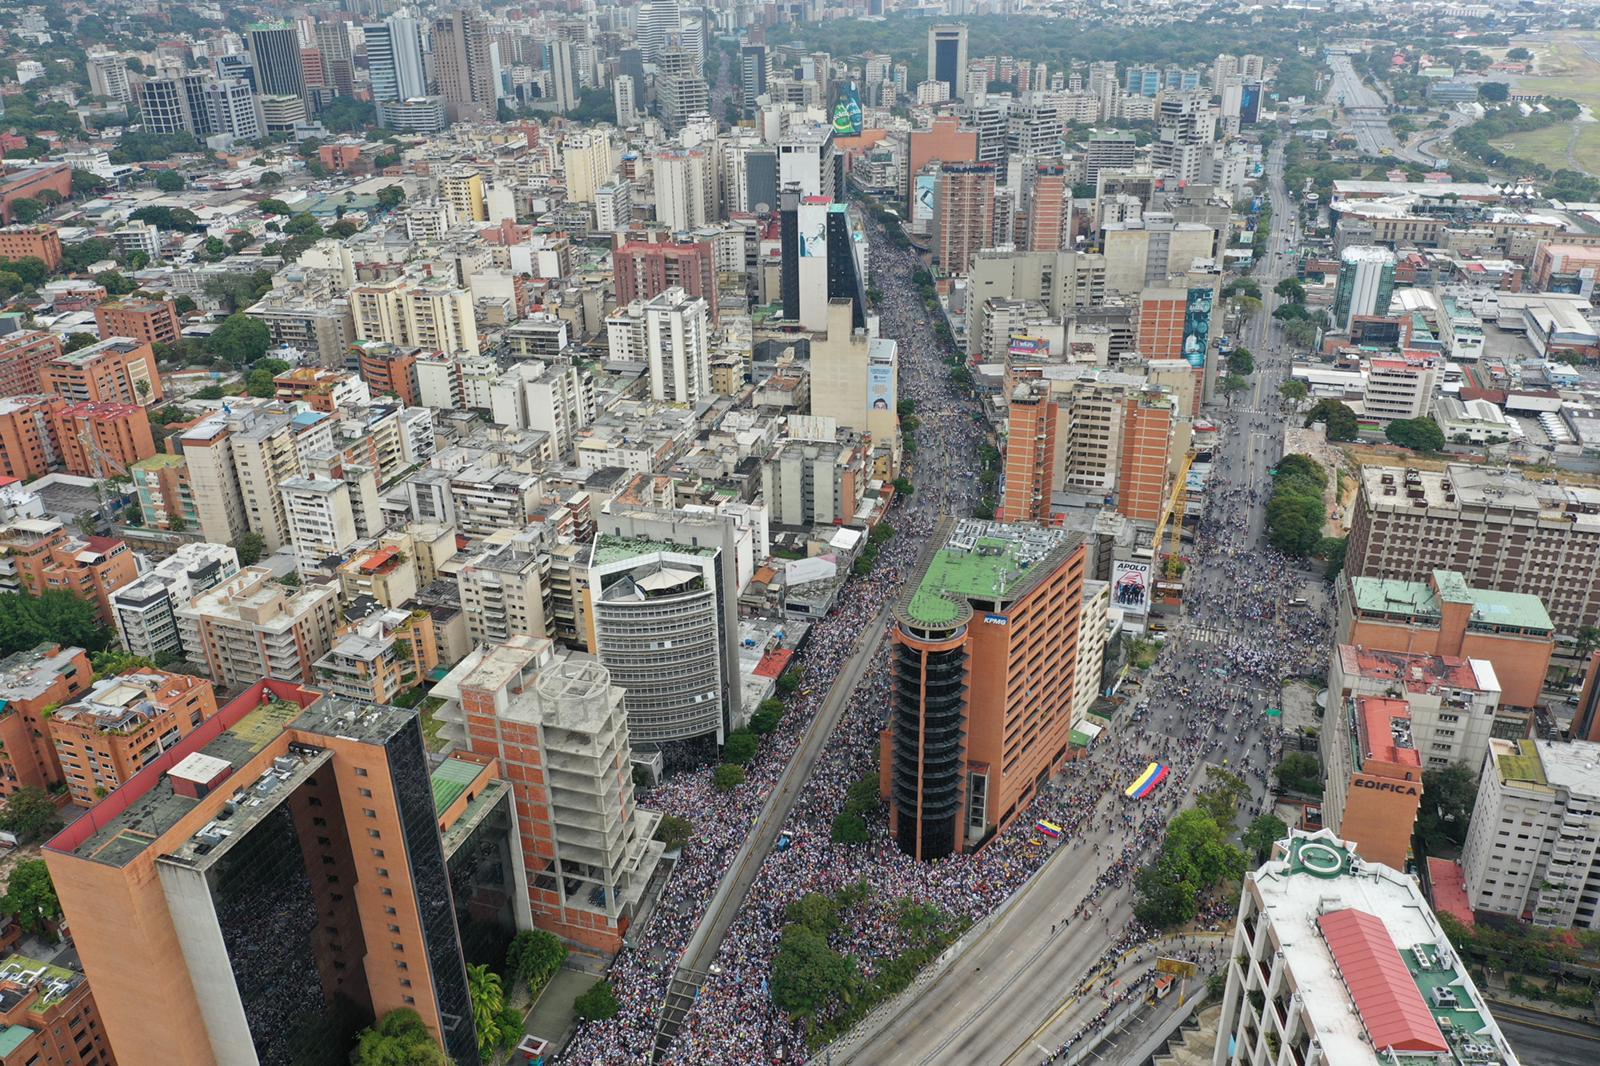 Desde un drone... las FOTOS de la masiva concentración en la plaza Juan Pablo II #23Ene